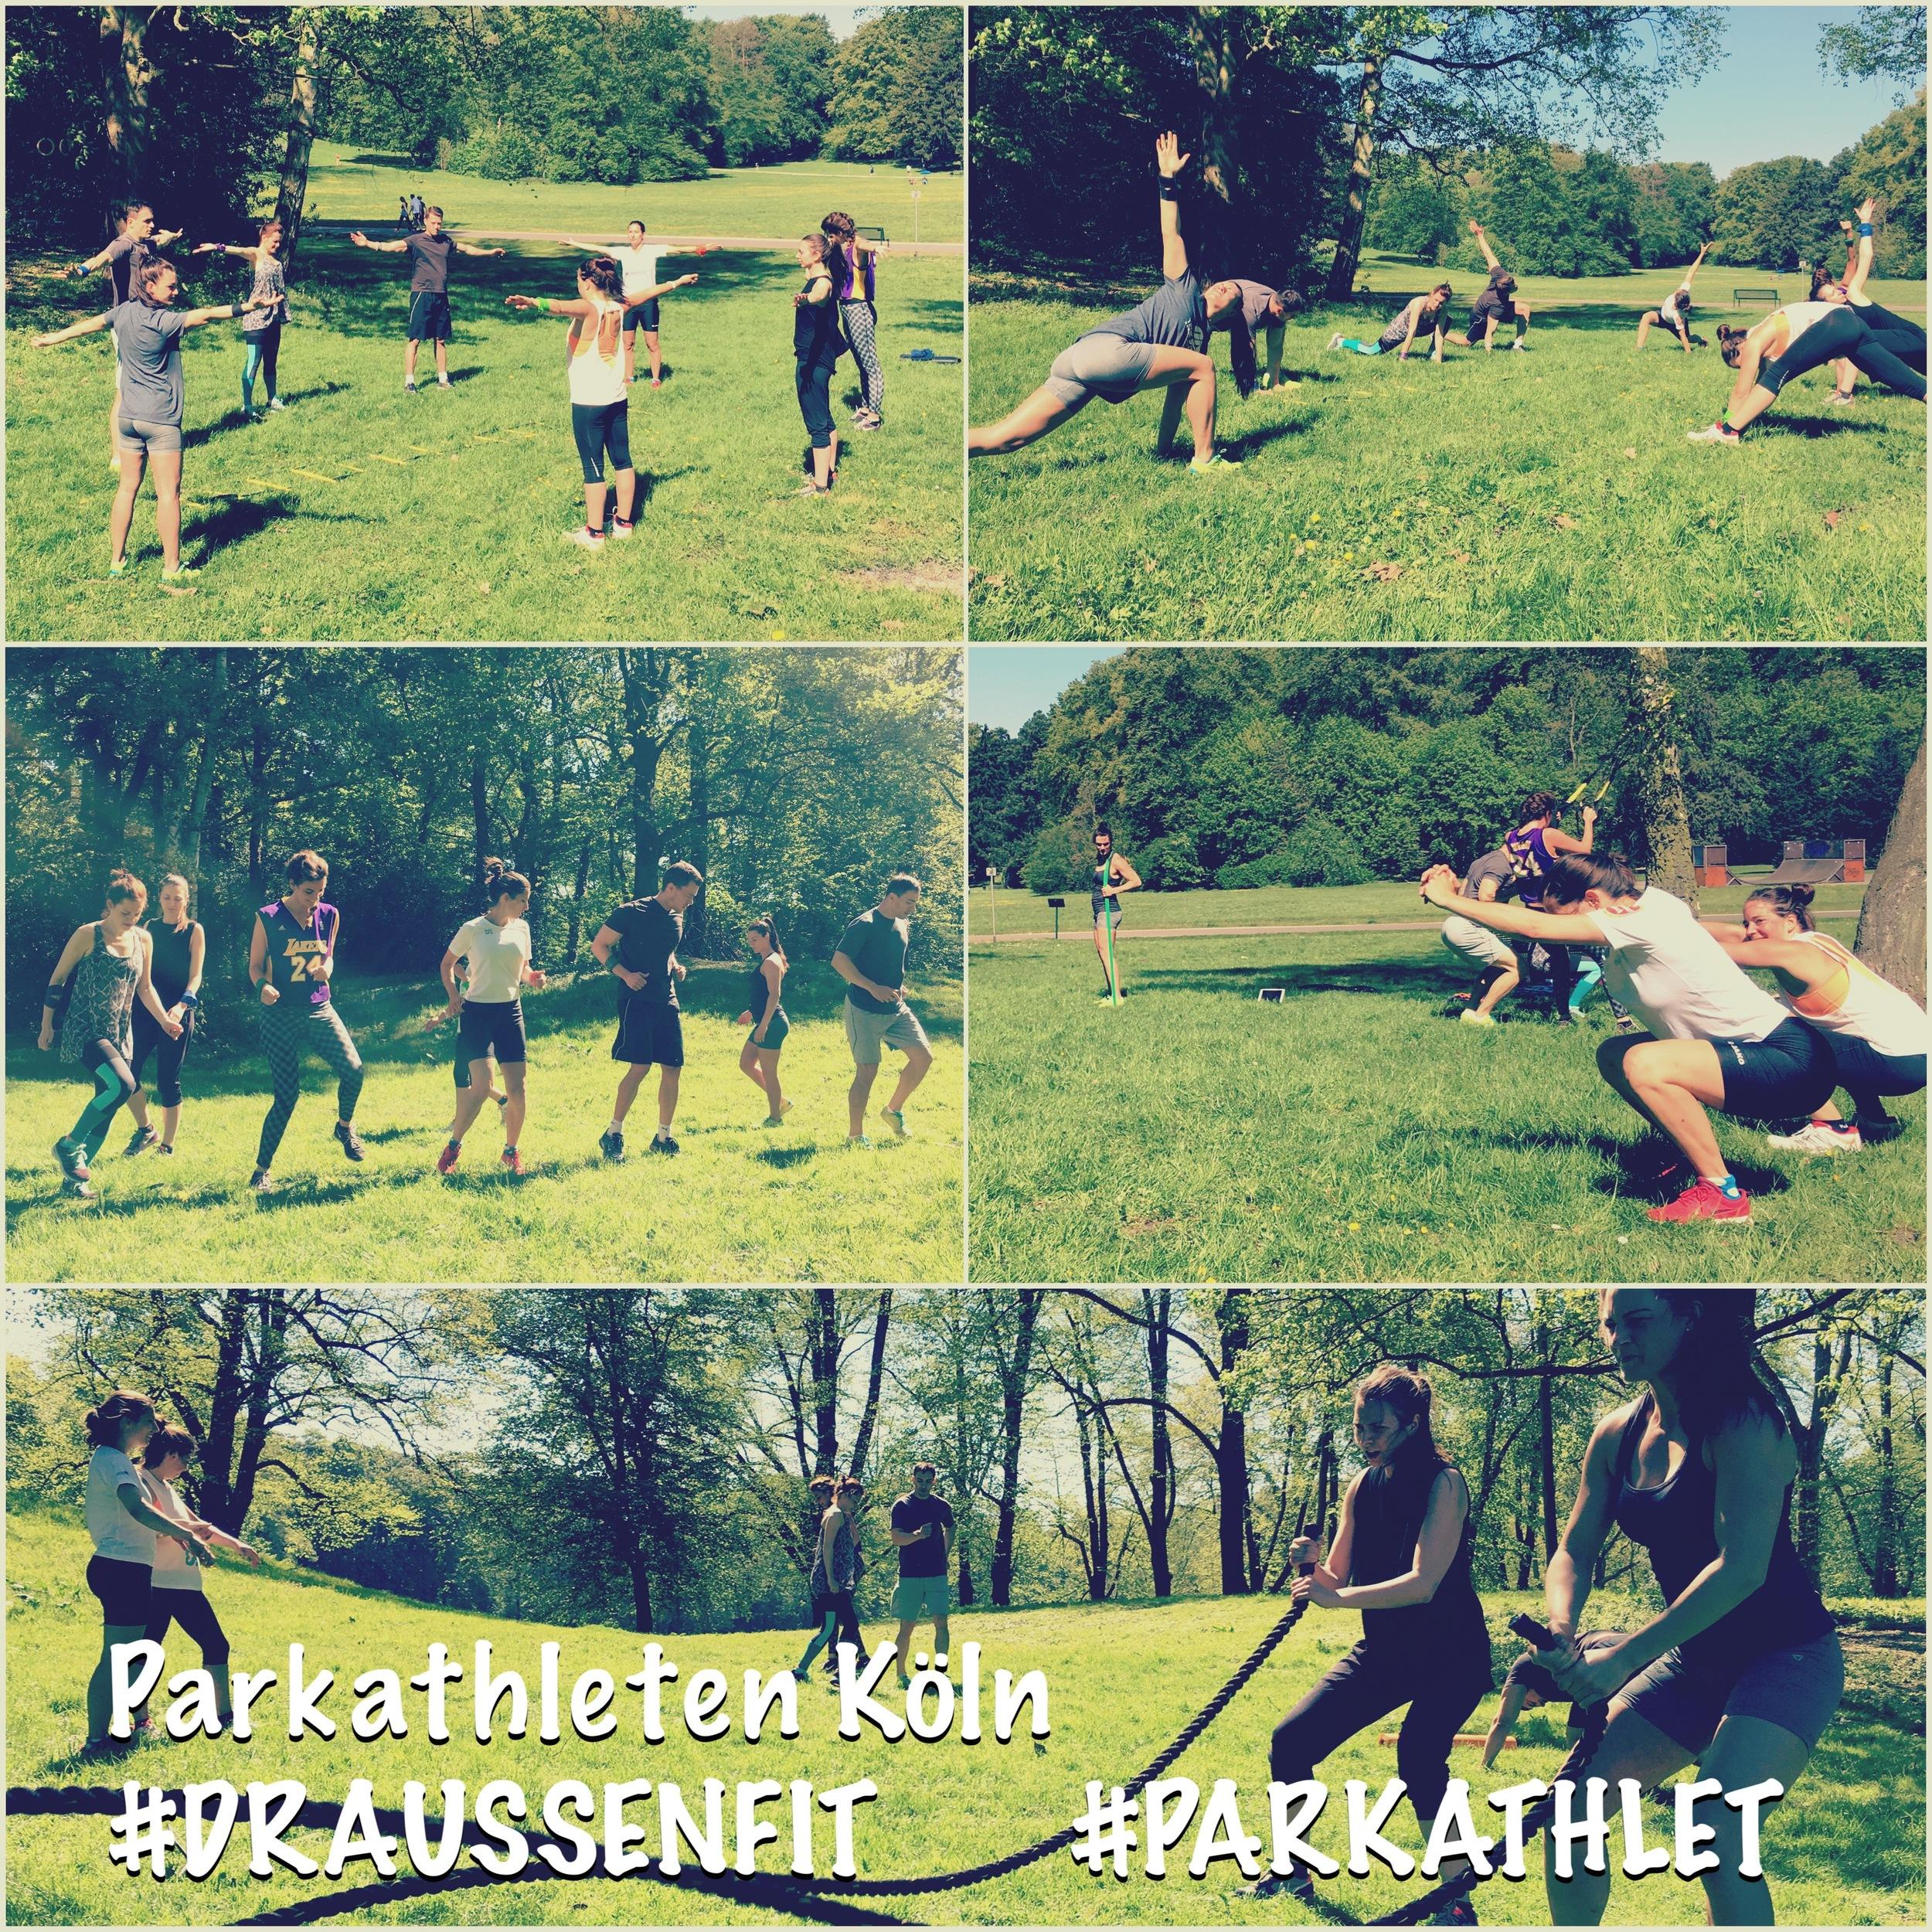 Mal ehrlich: Professionell angeleitet Fitness in der Gruppe unter freiem Himmel, was gibt es schöneres?! Mit Spass und netten Leuten zu mehr Beweglichkeit, Stabilität, Kraft und Ausdauer! Komm vorbei und erlebe es selbst!